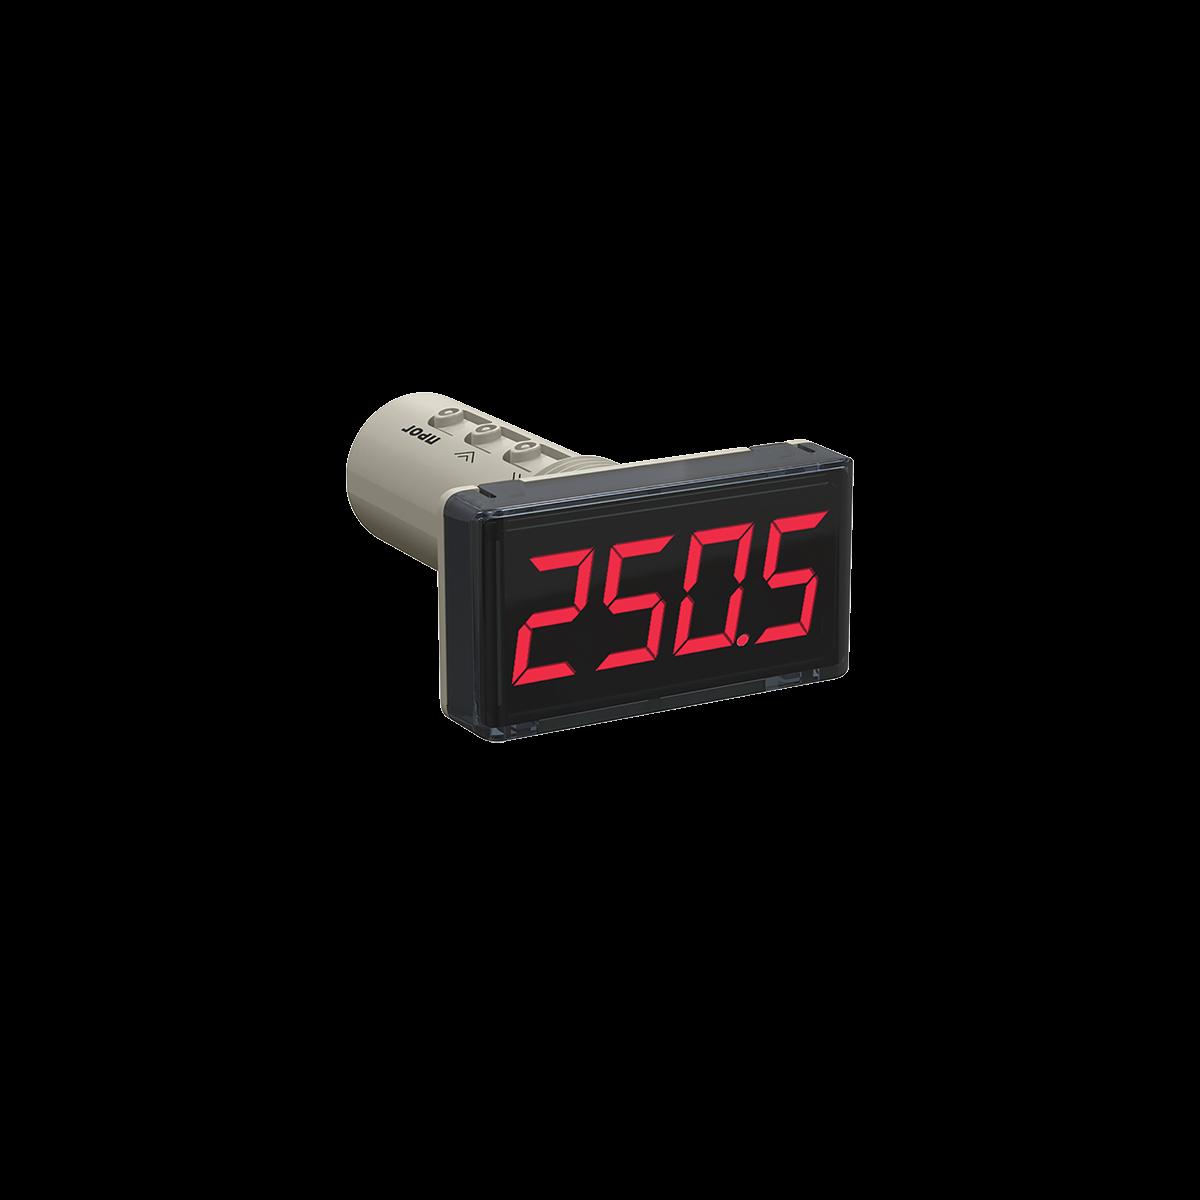 Измеритель сигнала токовой петли с красной индикацией ИТП-11КР